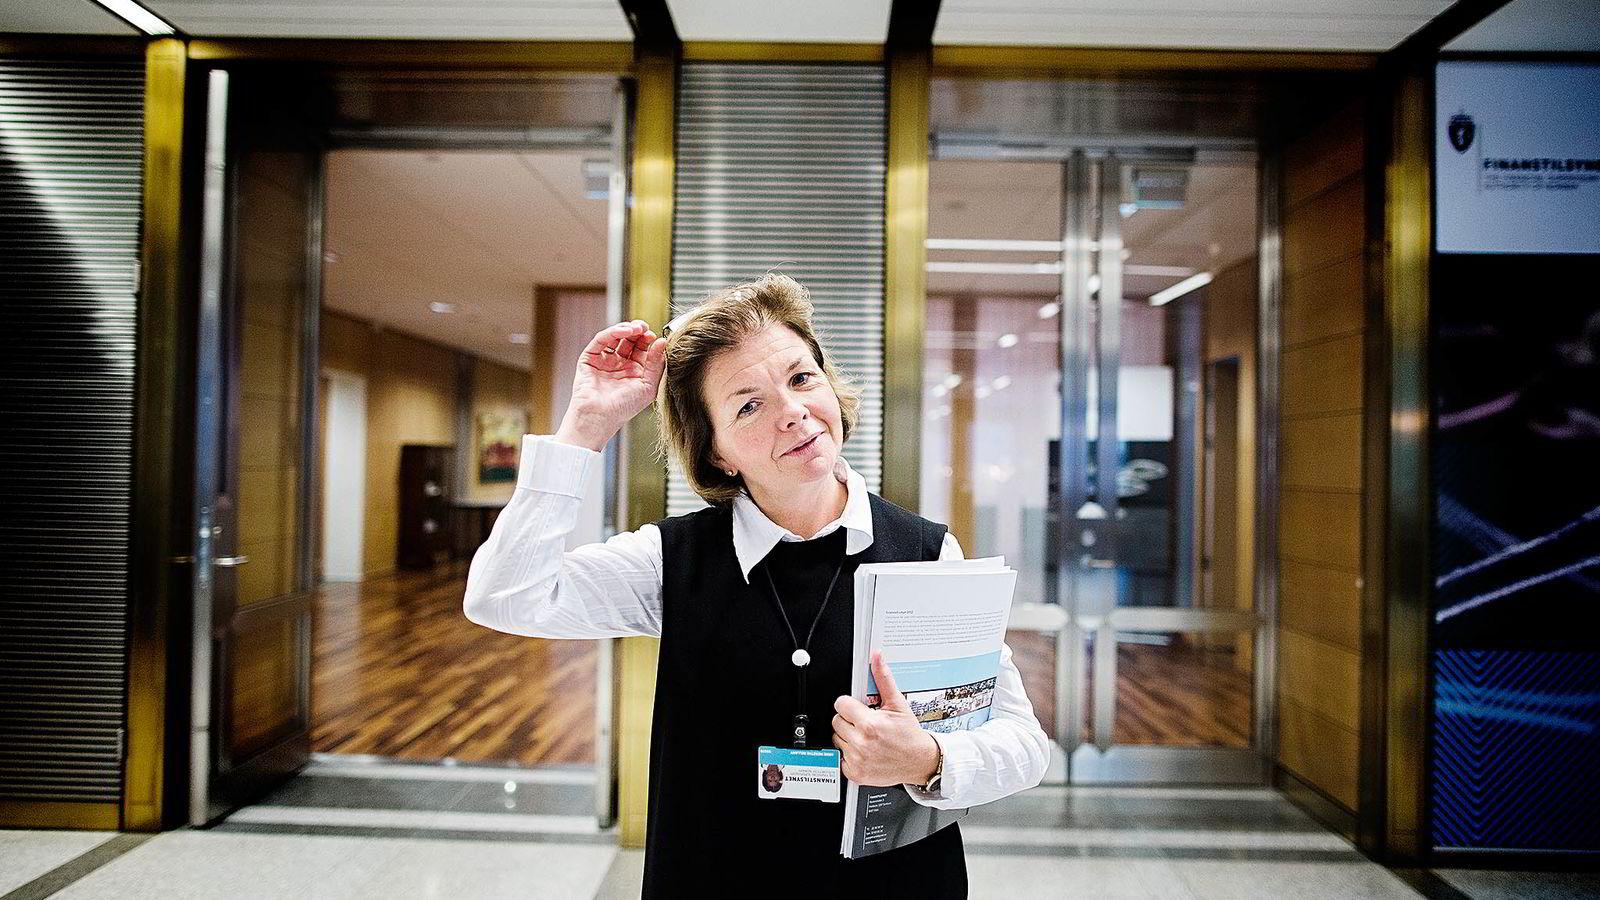 Nordea har fått brev fra Finanstilsynet, hvor direktør Anne Merethe Bellamy skriver at aksjefondet Nordea Avkastning ikke «har gitt sine andelseiere en realistisk mulighet til meravkastning». Foto: Per Thrana